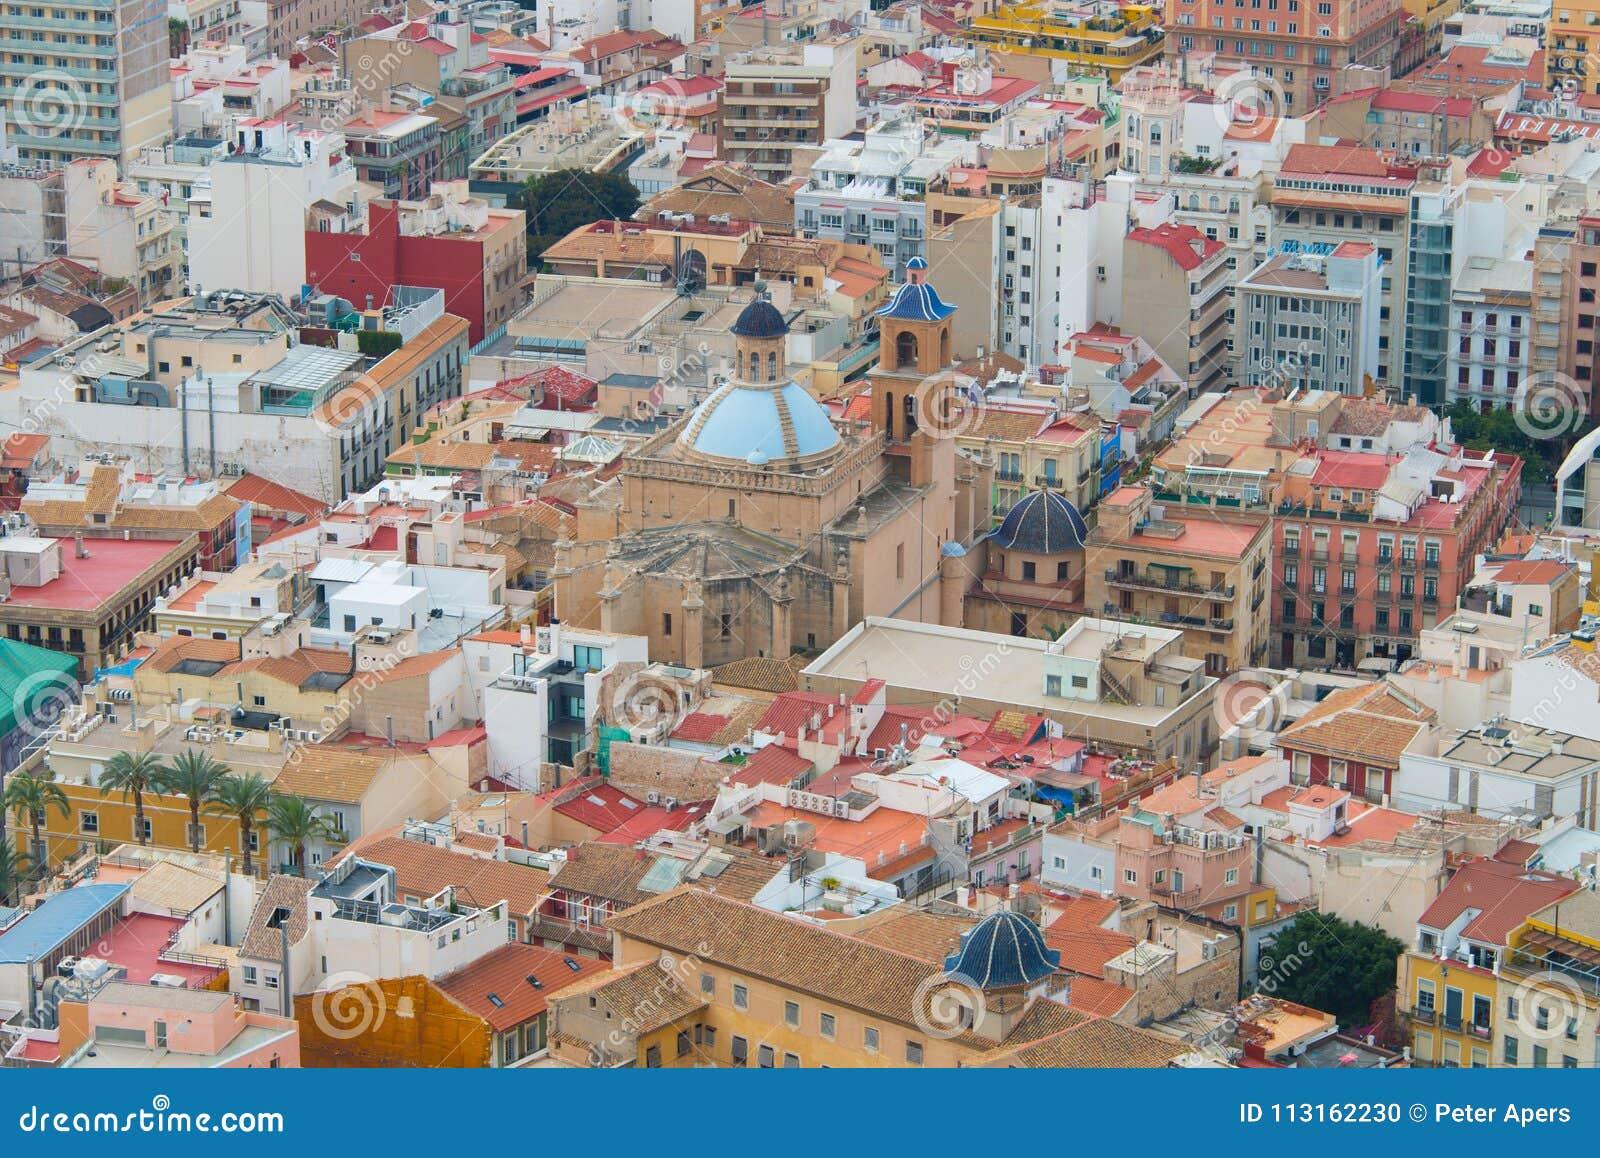 Center of Alicante in Spain